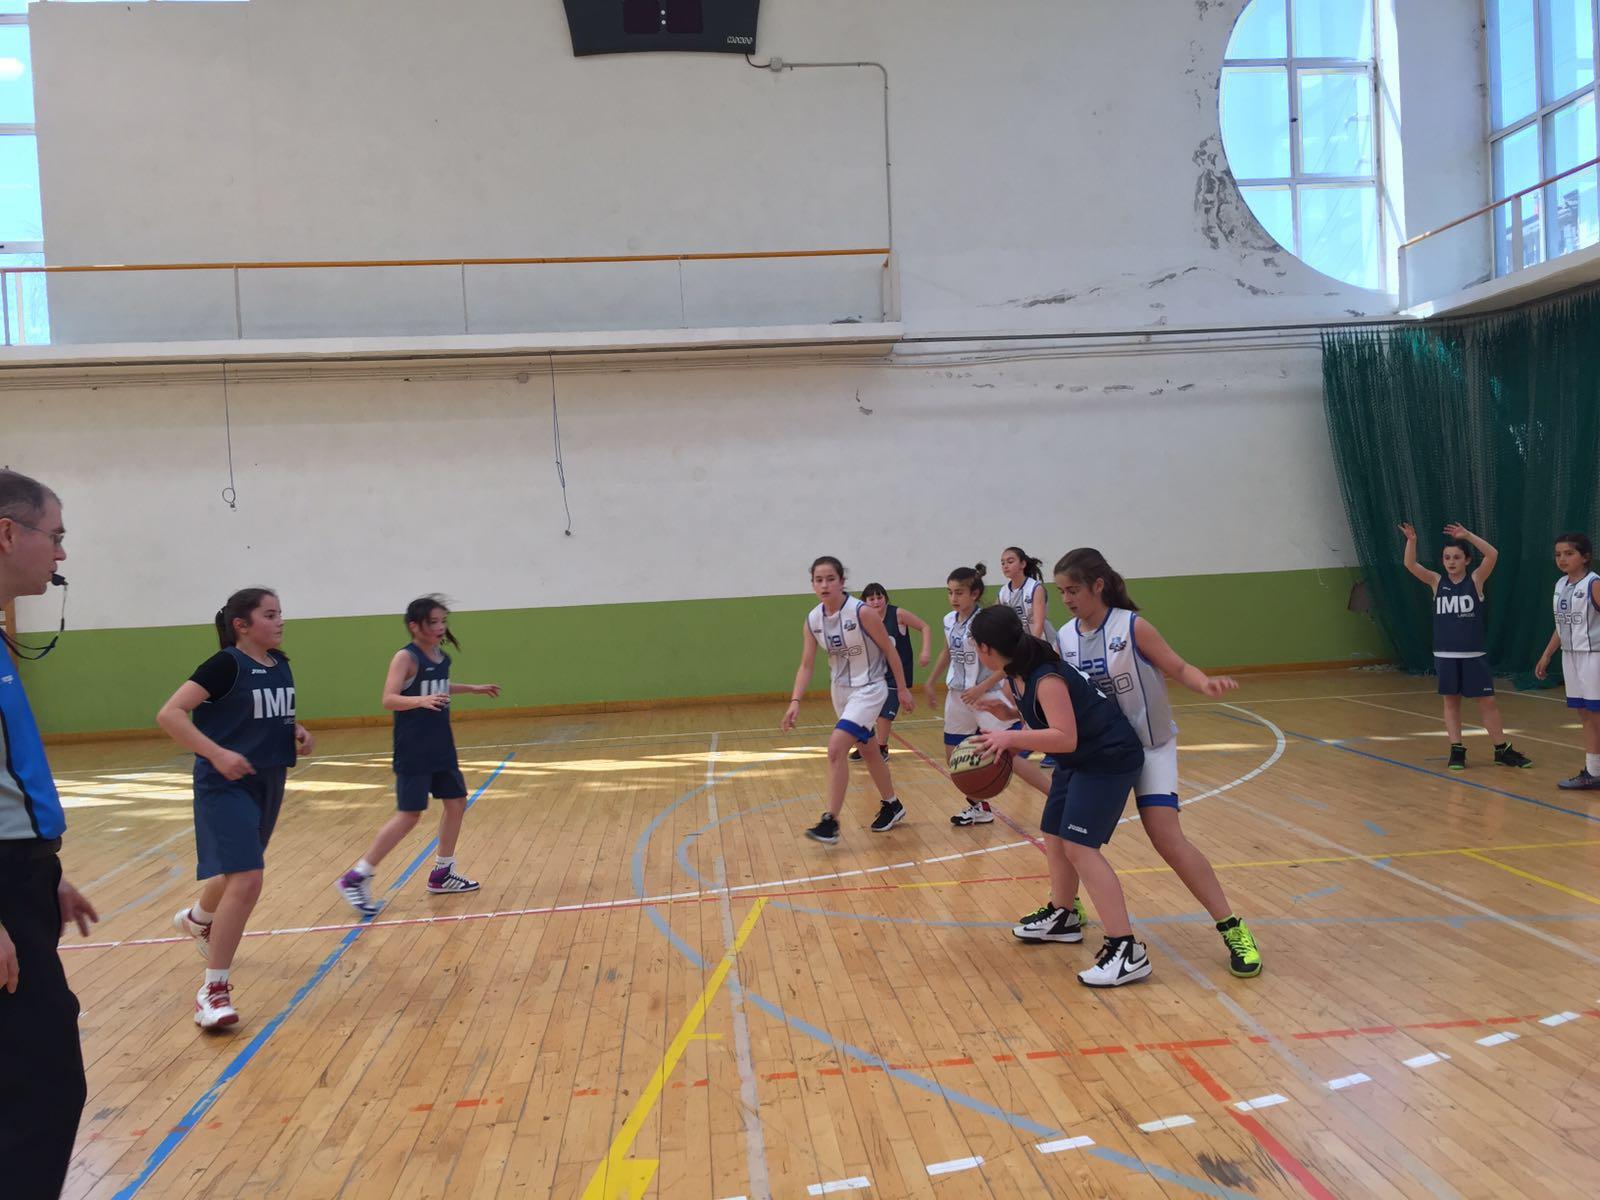 Convivencia club de baloncesto laredo en donostia for Oficina dni donostia